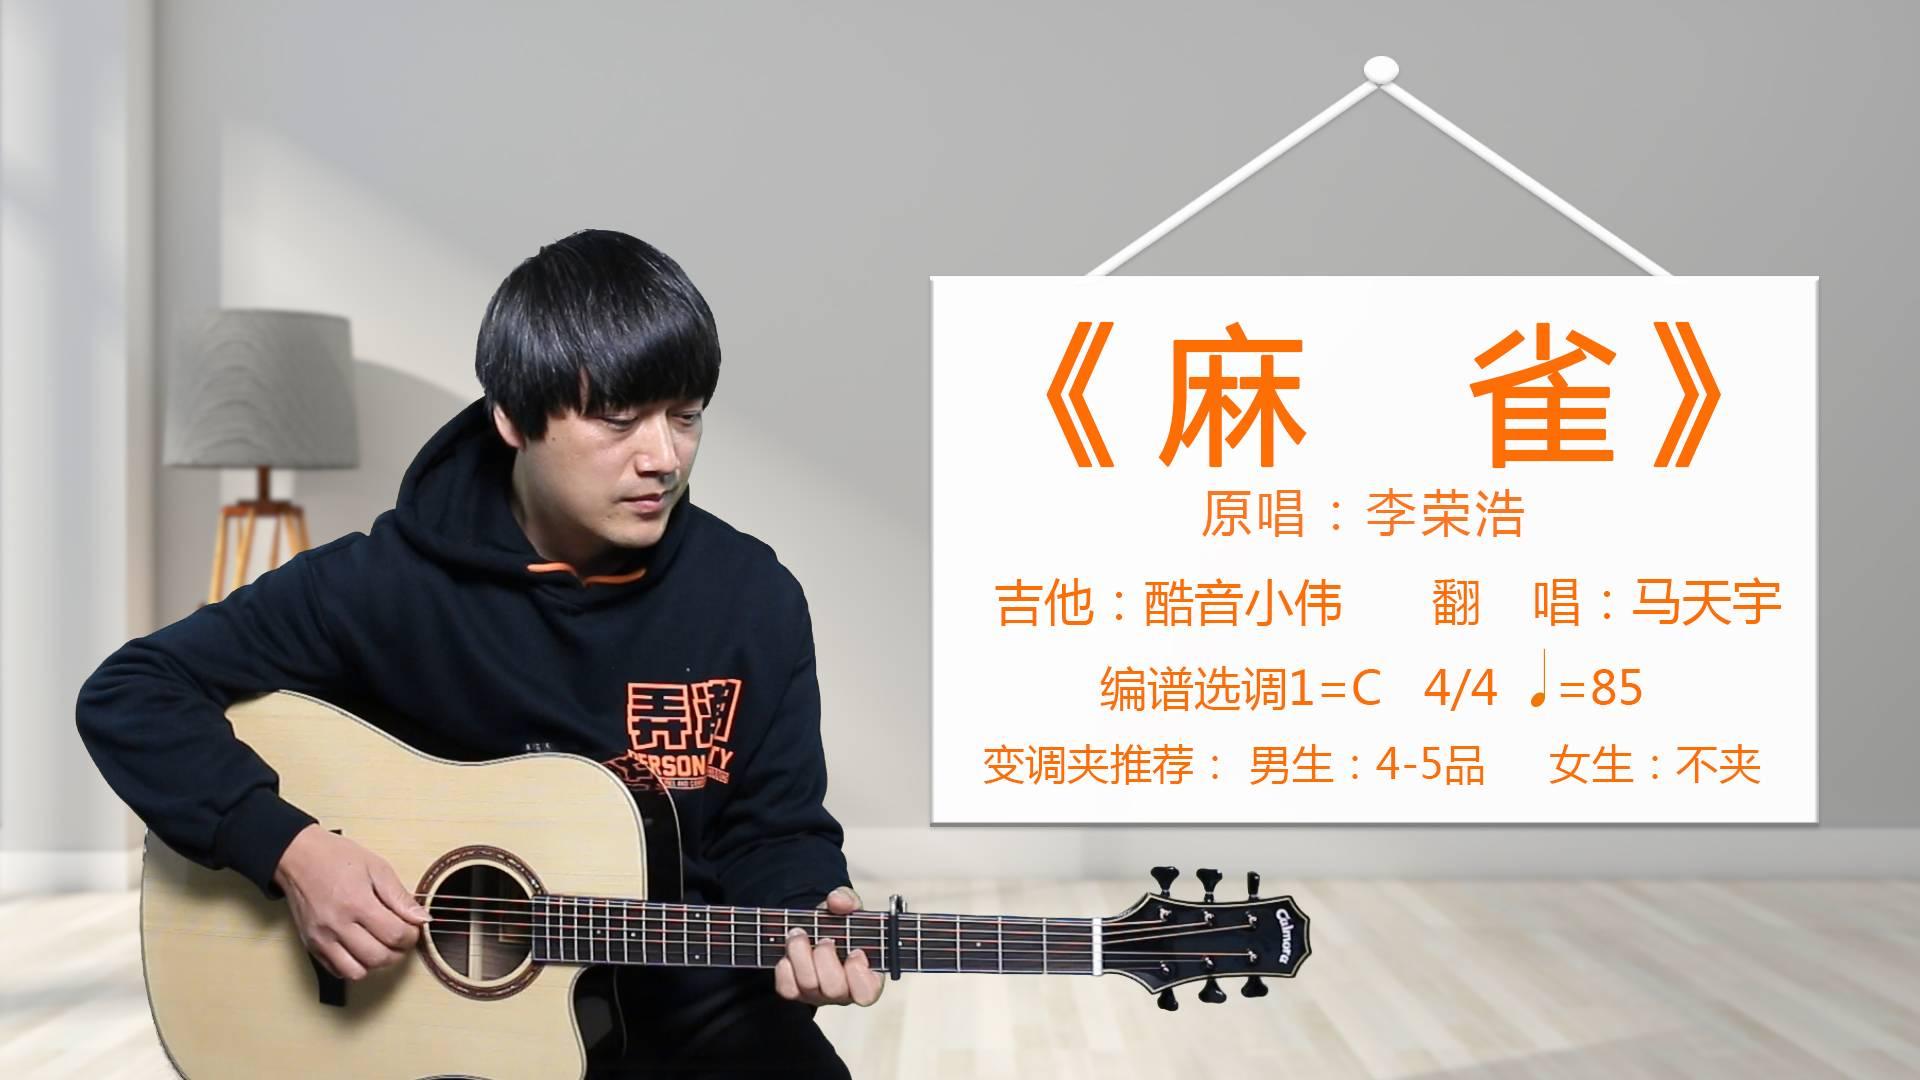 《麻雀》李荣浩 酷音小伟吉他弹唱教学自学教程